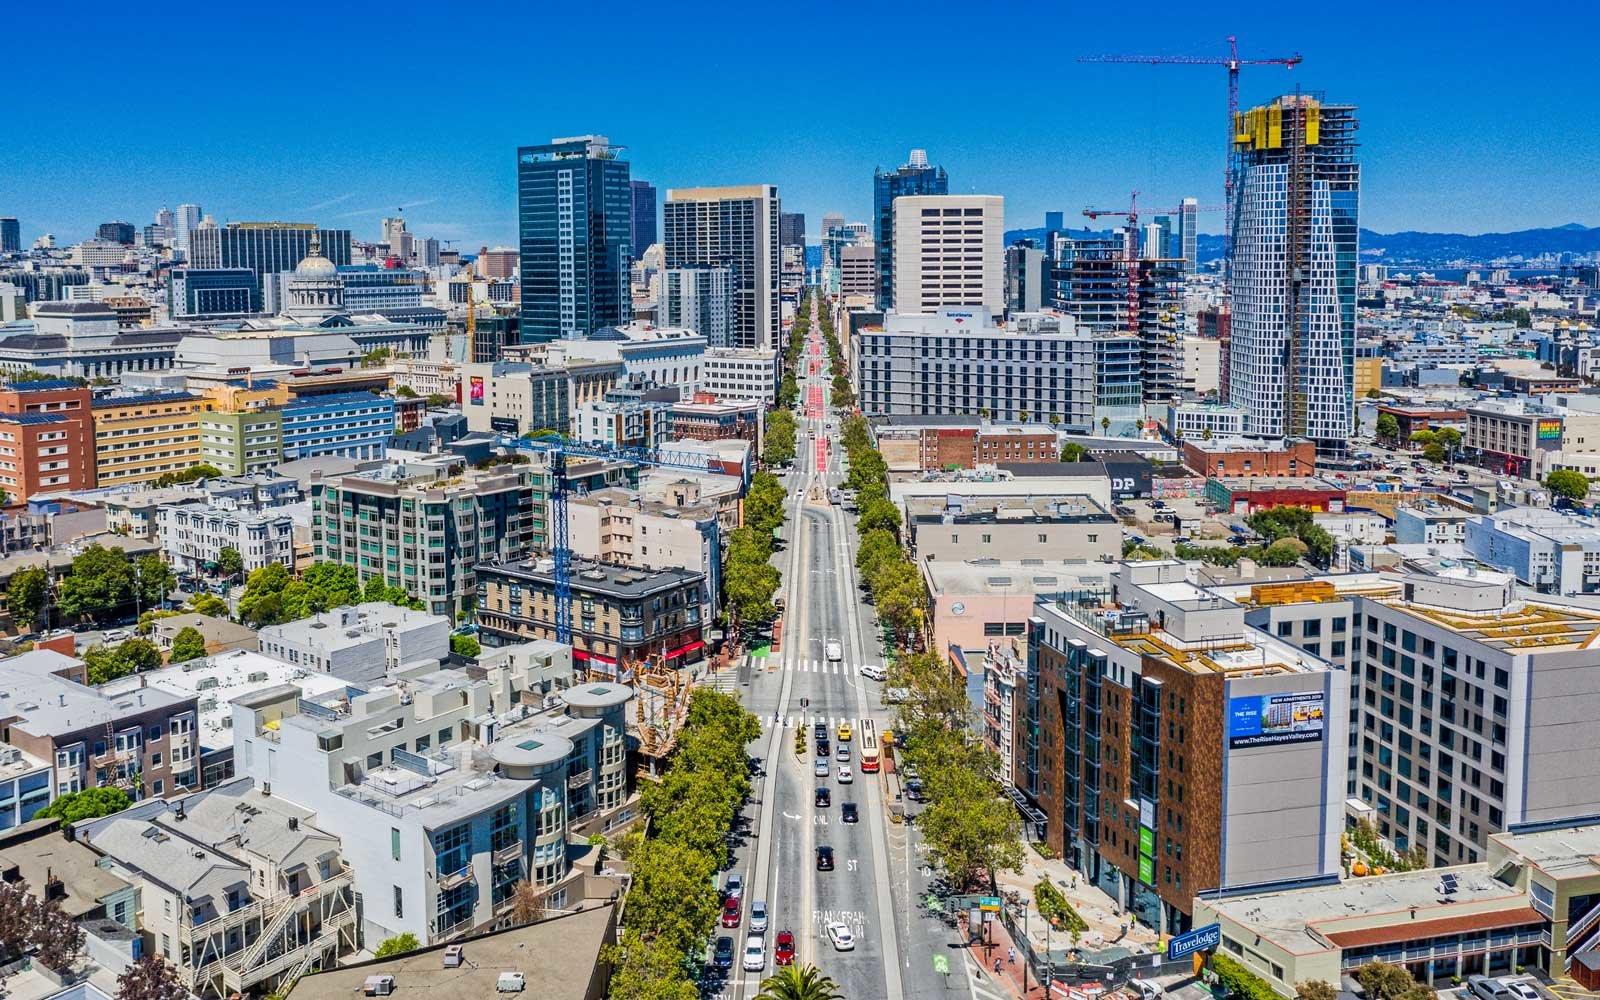 Oracle перенесла конференцию из Сан-Франциско из-за проблем города - 1